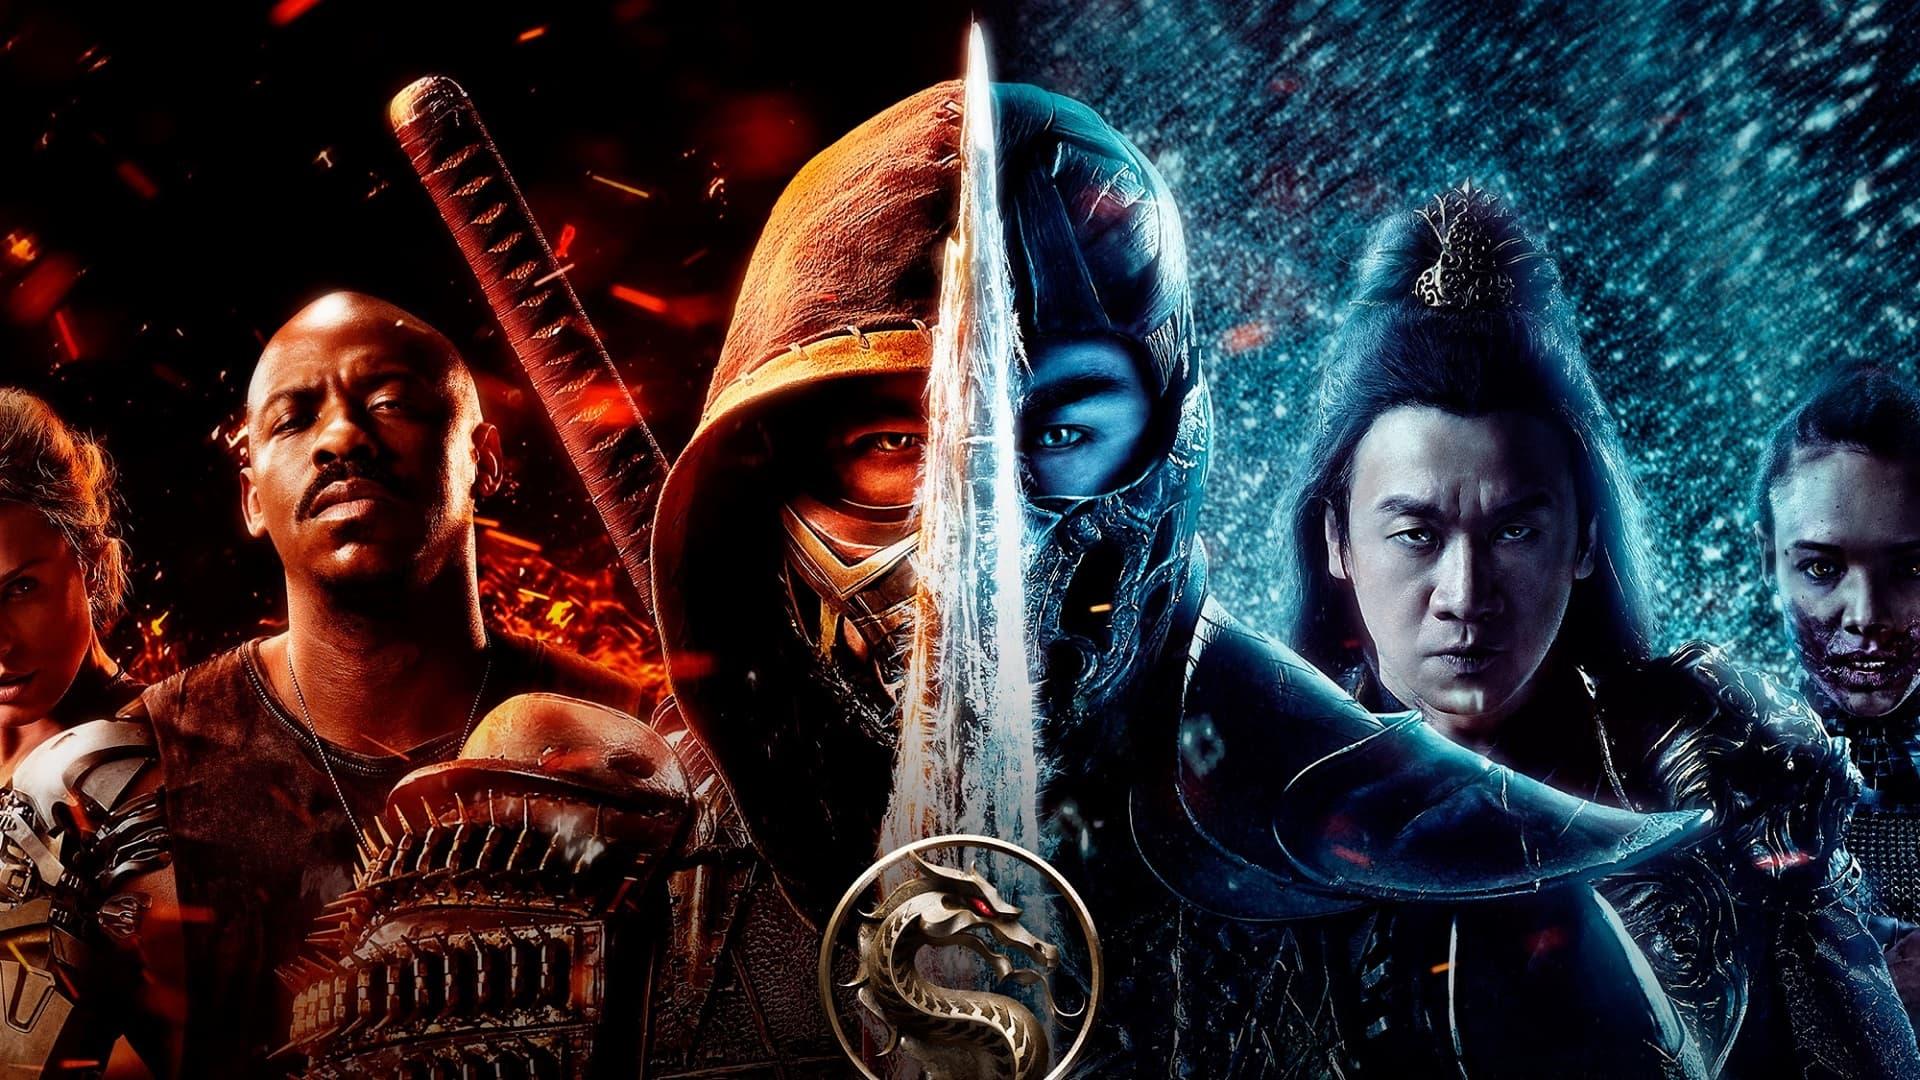 La película Mortal Kombat ya se puede ver en HBO Max